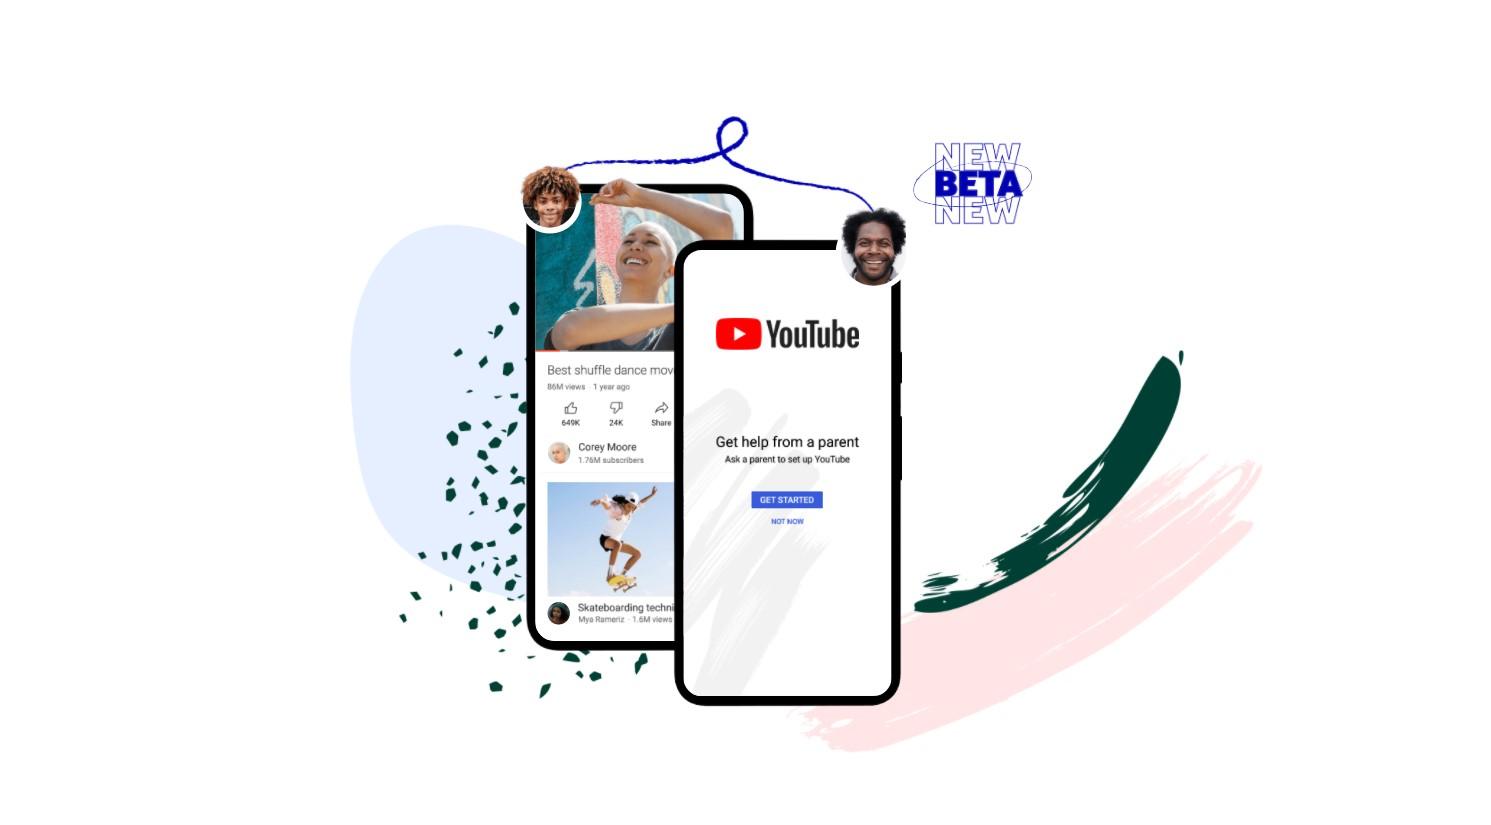 Youtube nabízí novinku pro školáky a rodiče